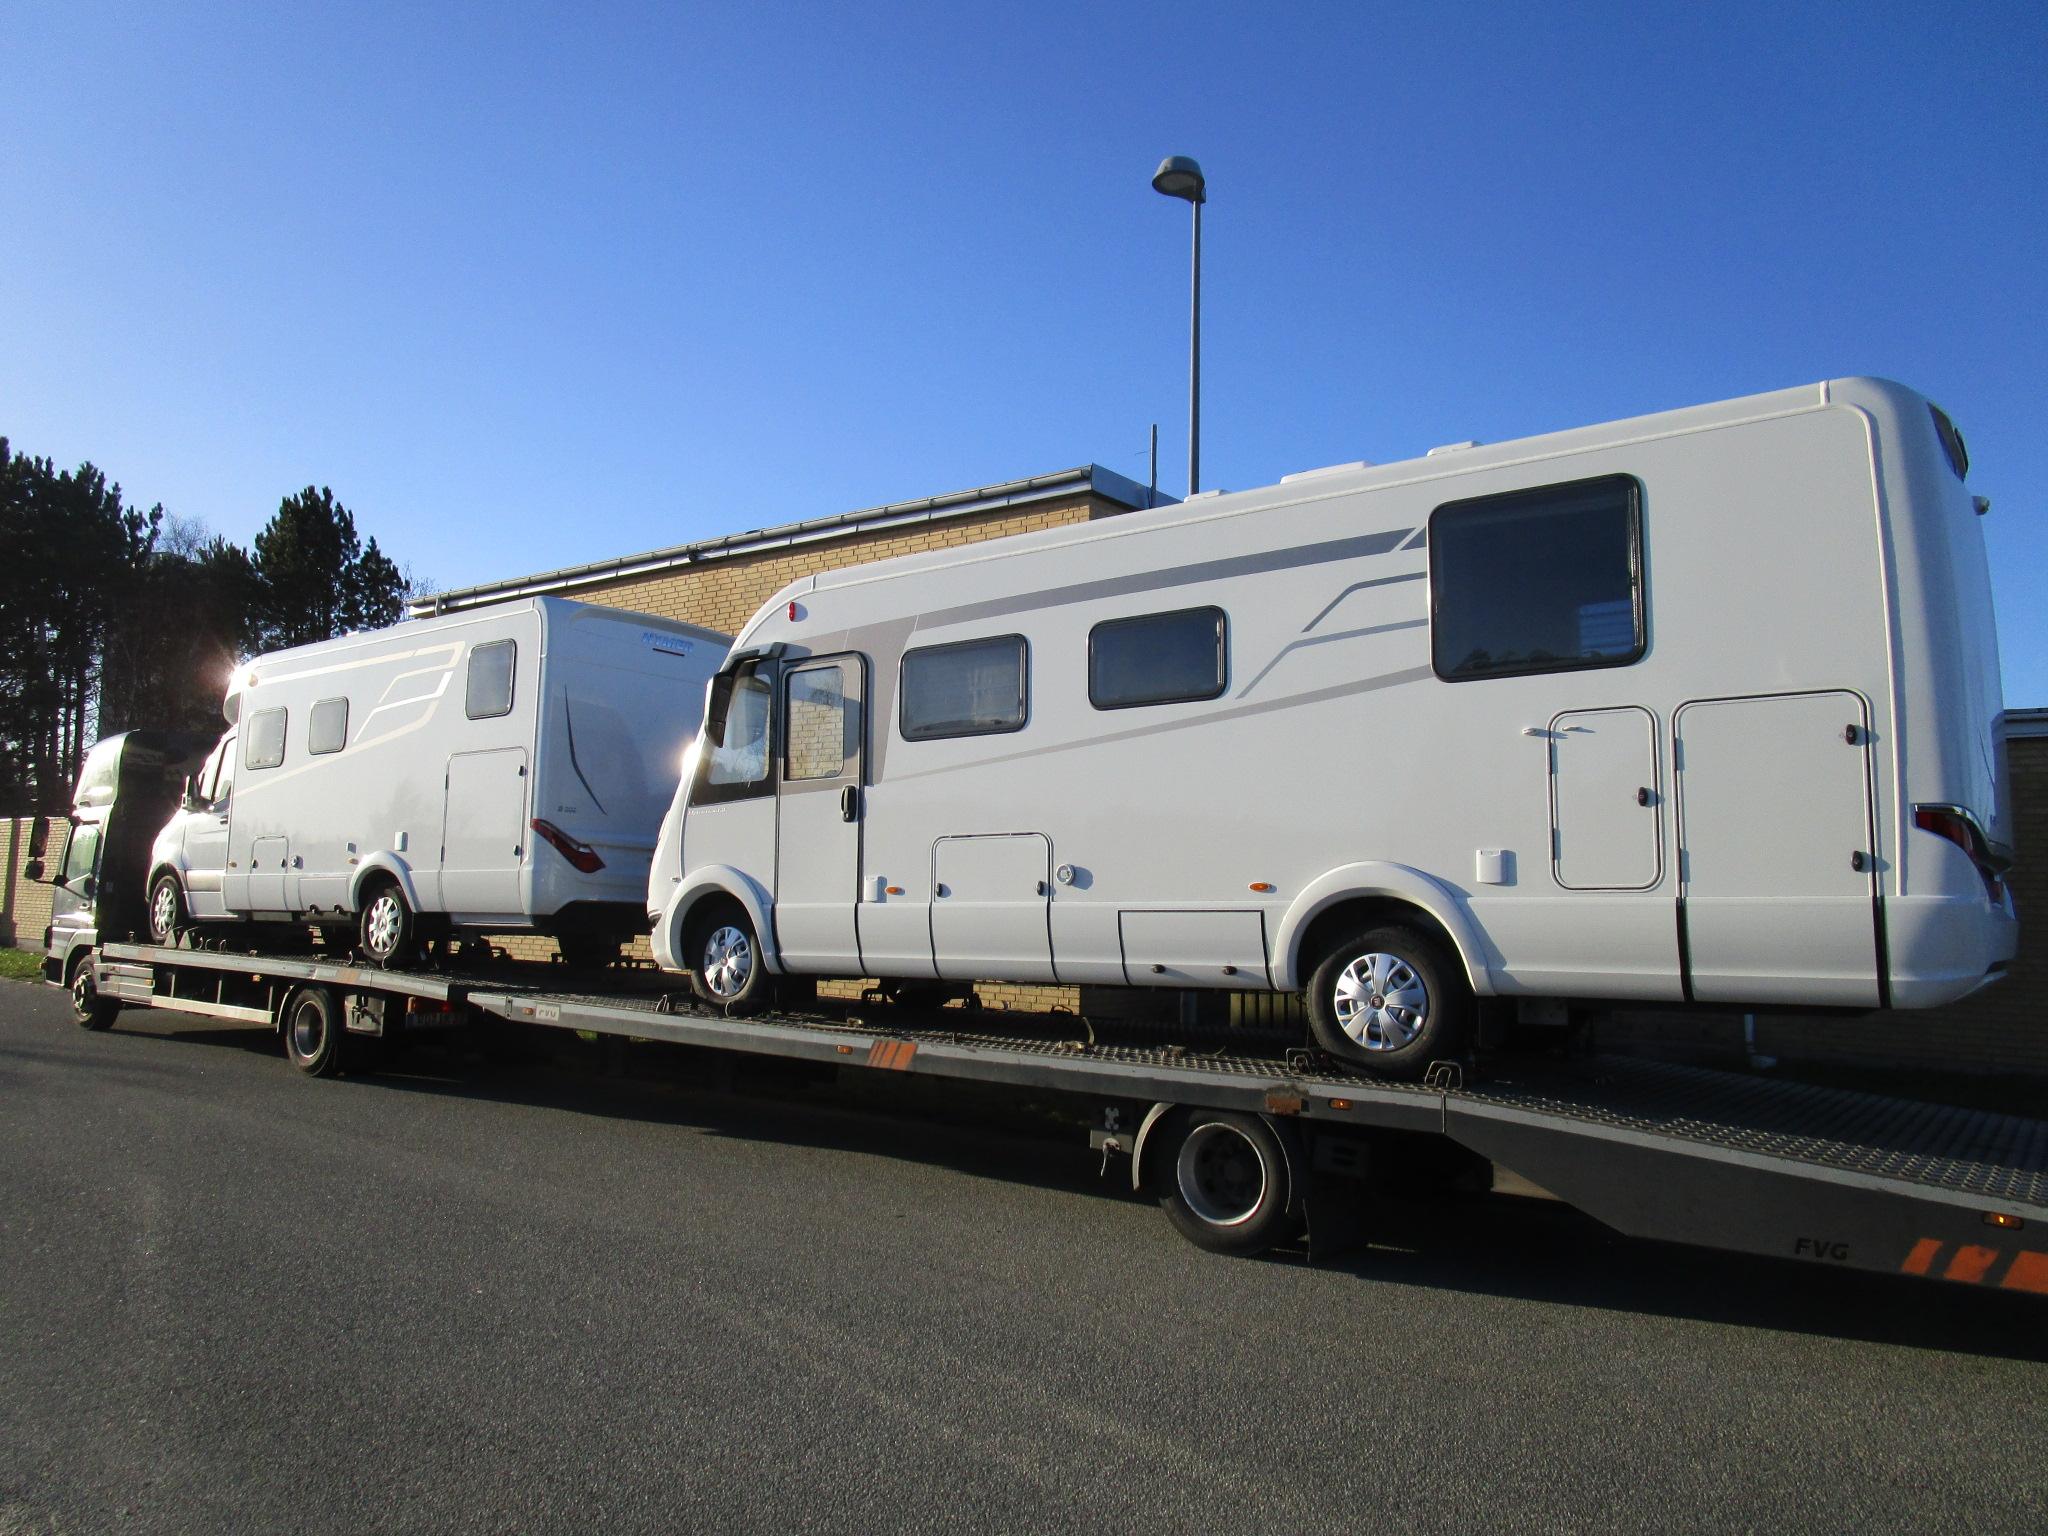 Spændende Hymer autocampere er ankommet til PB Autocamper